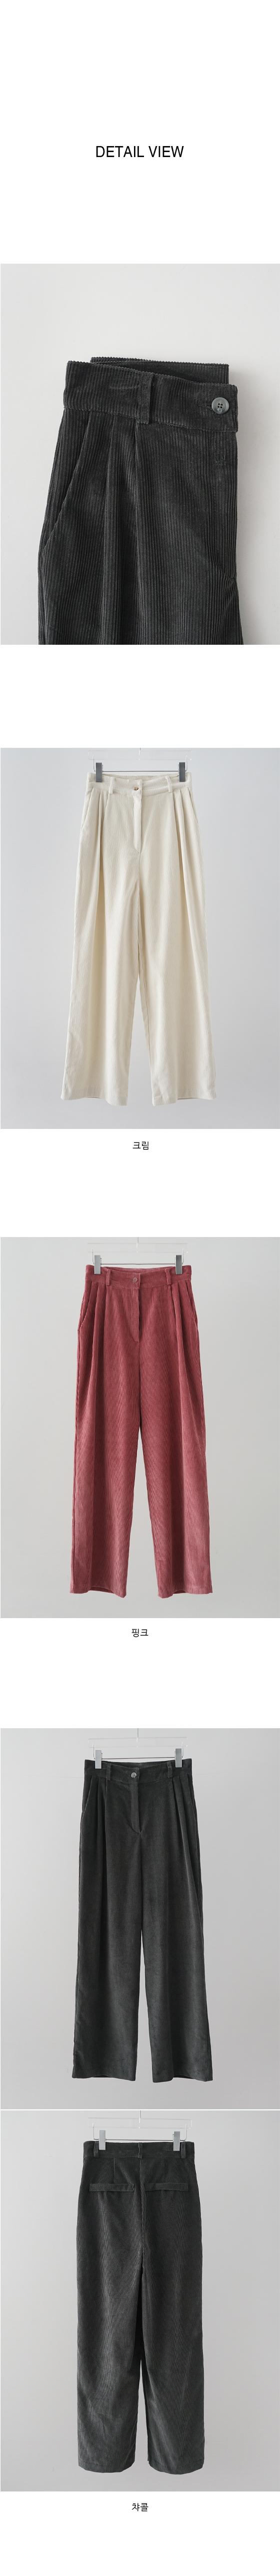 comfortable corduroy pants